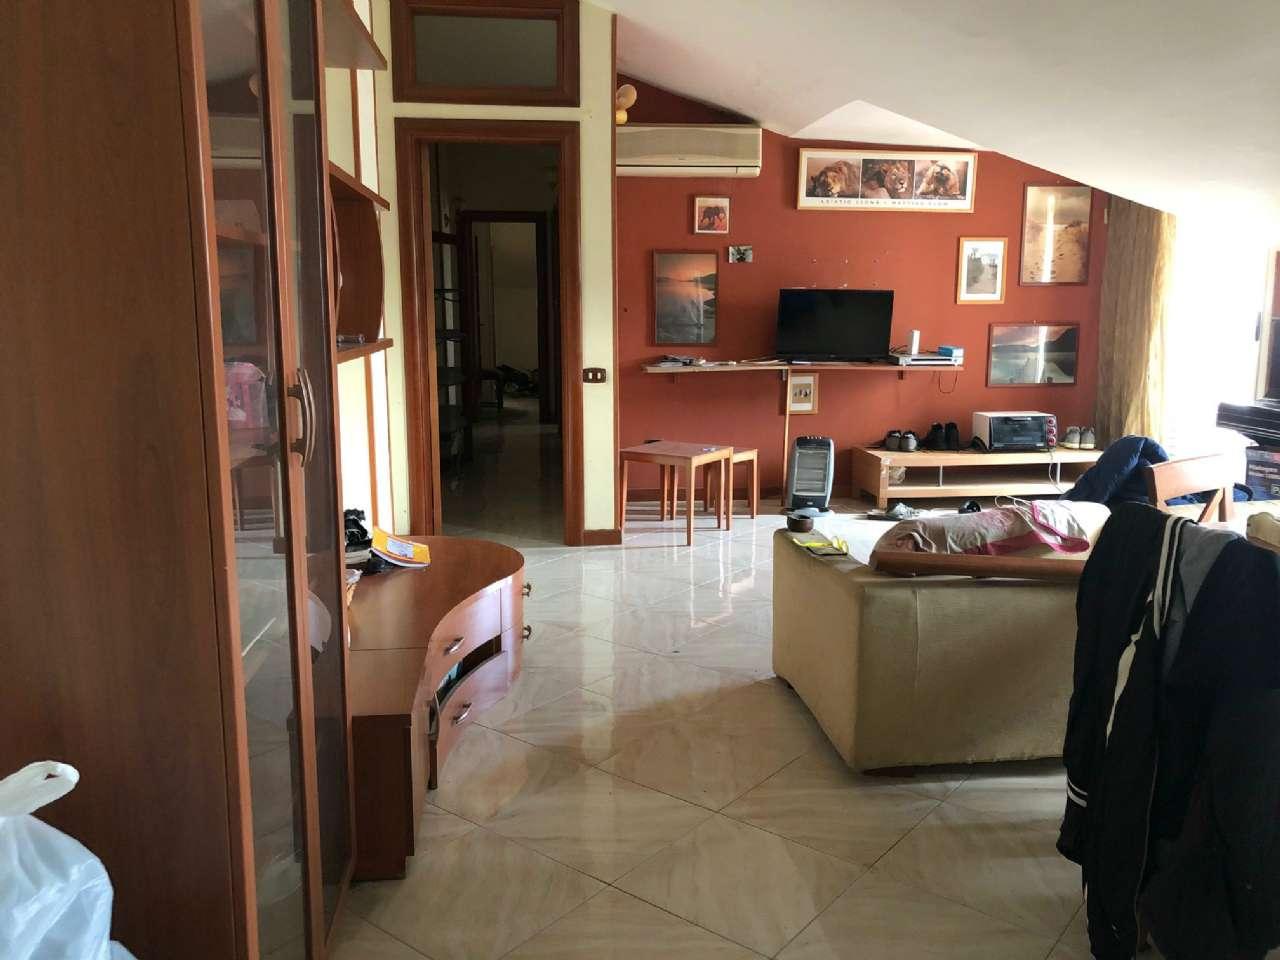 Attico / Mansarda in vendita a Giugliano in Campania, 3 locali, prezzo € 67.000 | PortaleAgenzieImmobiliari.it